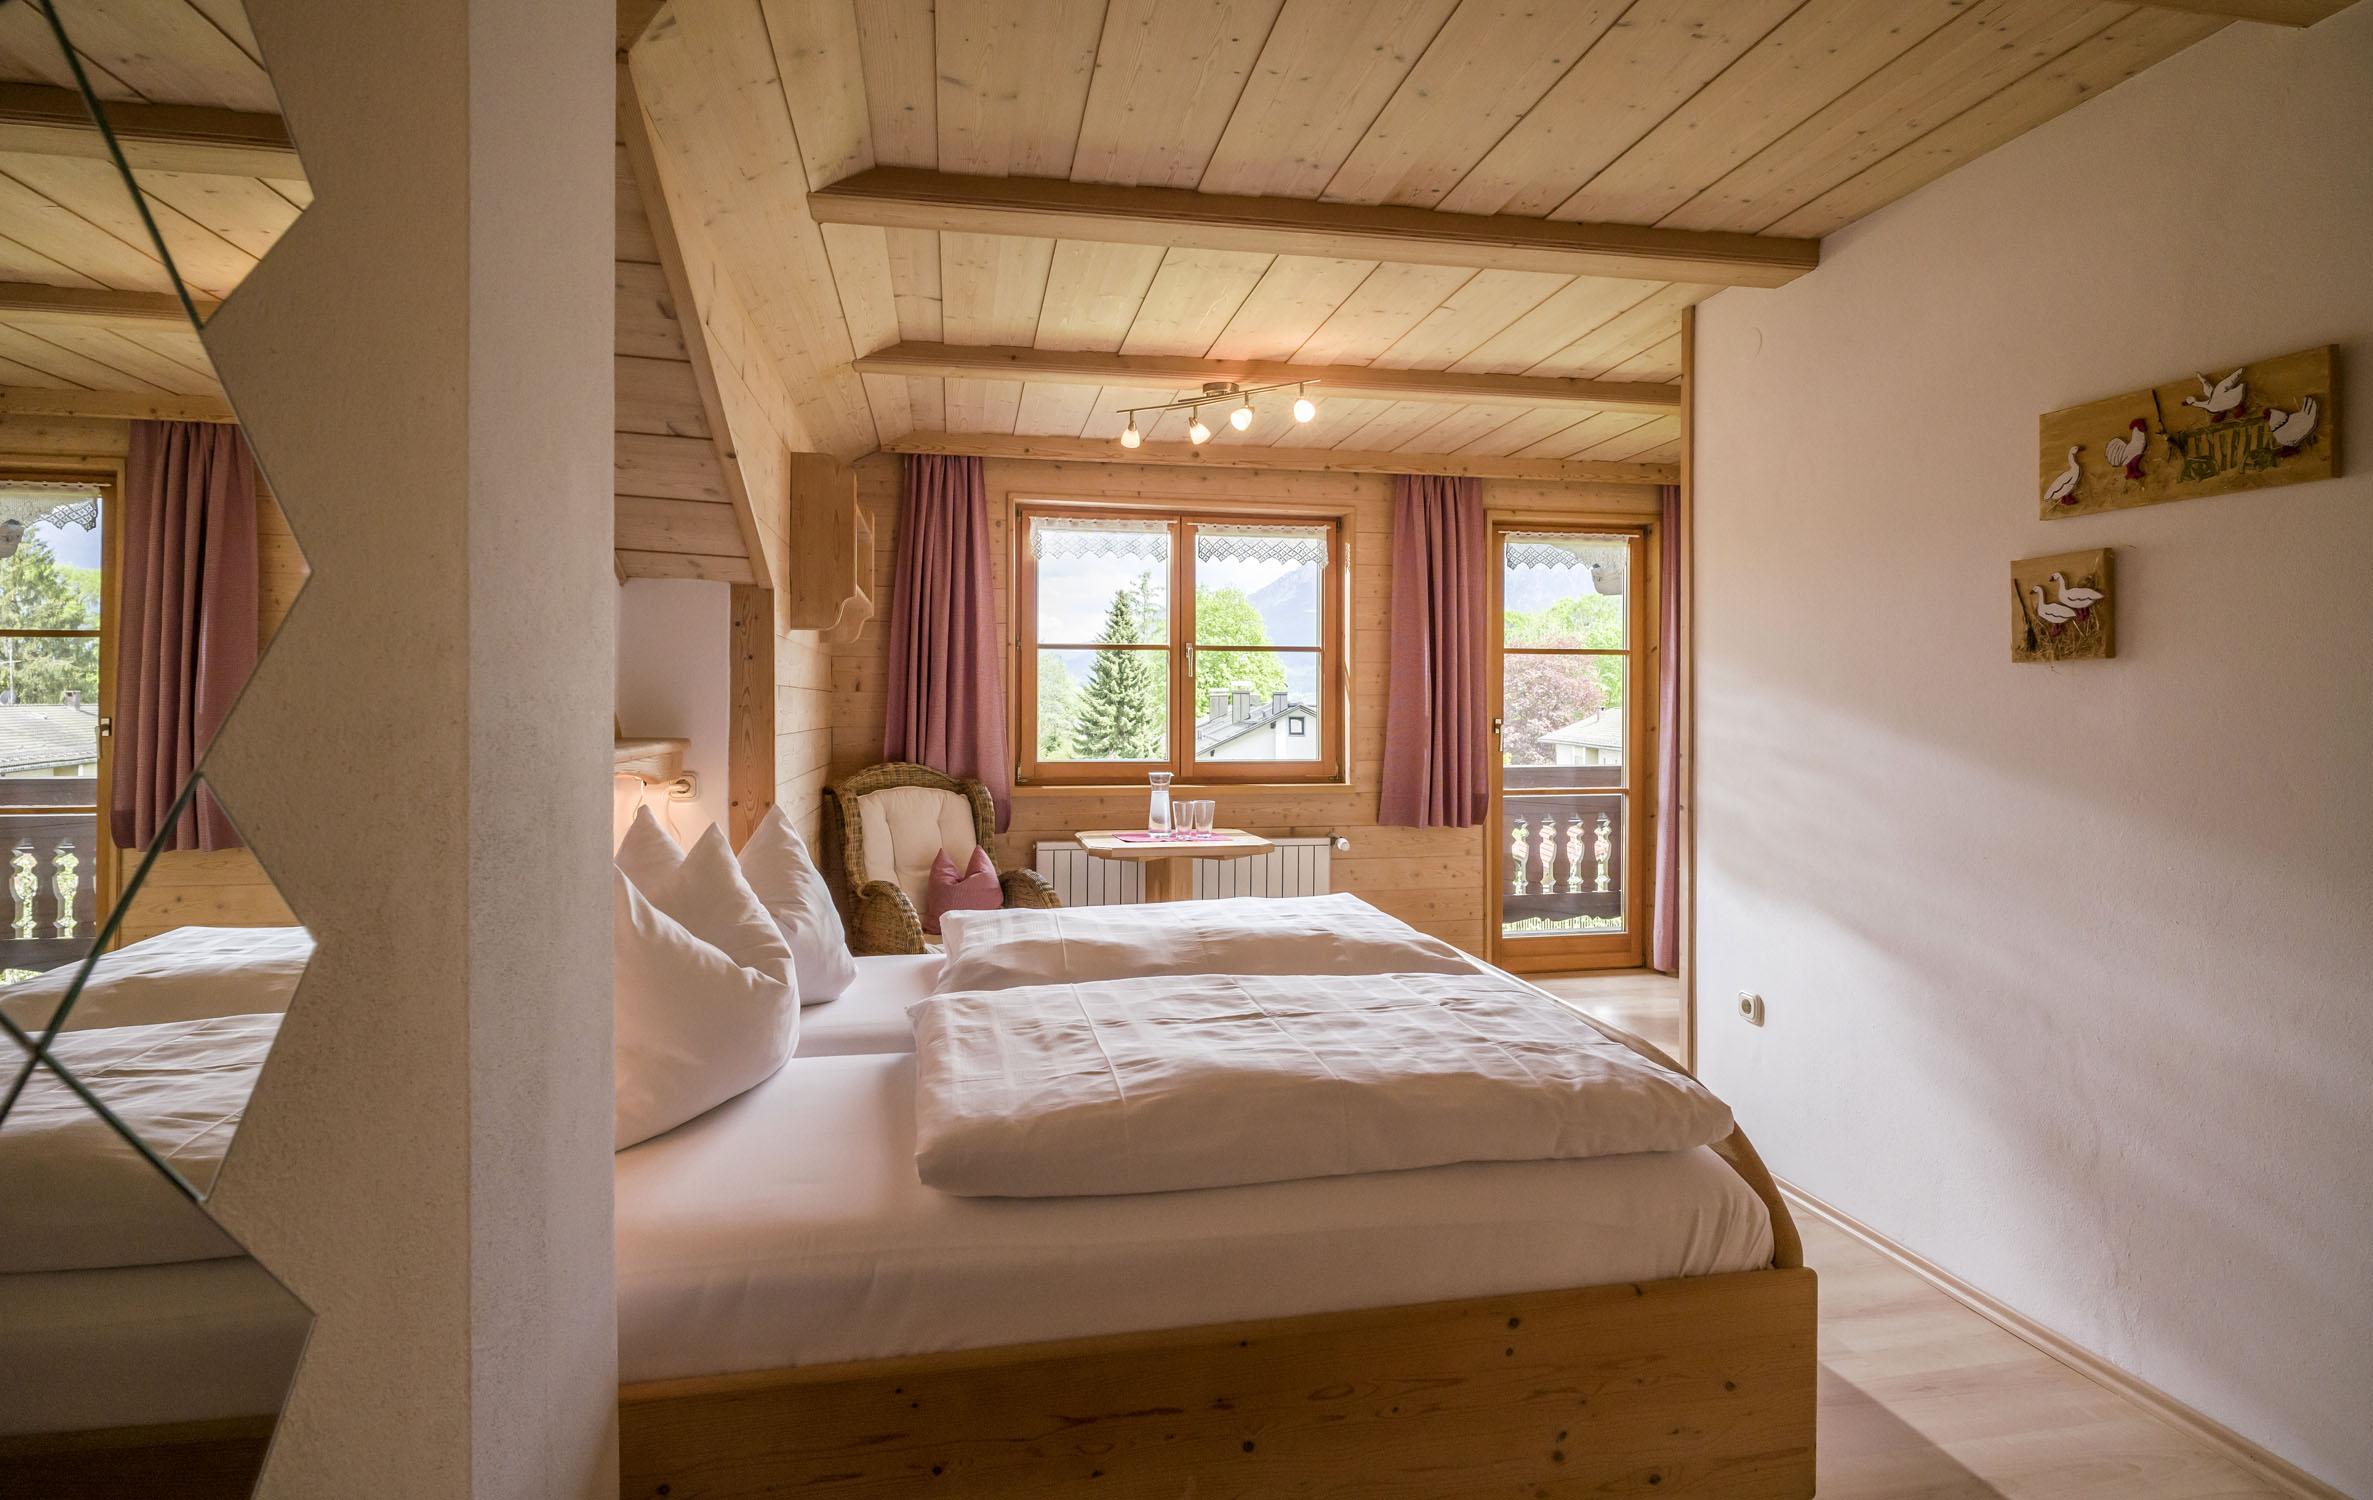 Ferienwohnung Ferienwohnungen Osterauer (DE Oberaudorf). 2-Zimmer Ferienwohnung (709979), Oberaudorf, Chiemgau, Bayern, Deutschland, Bild 13